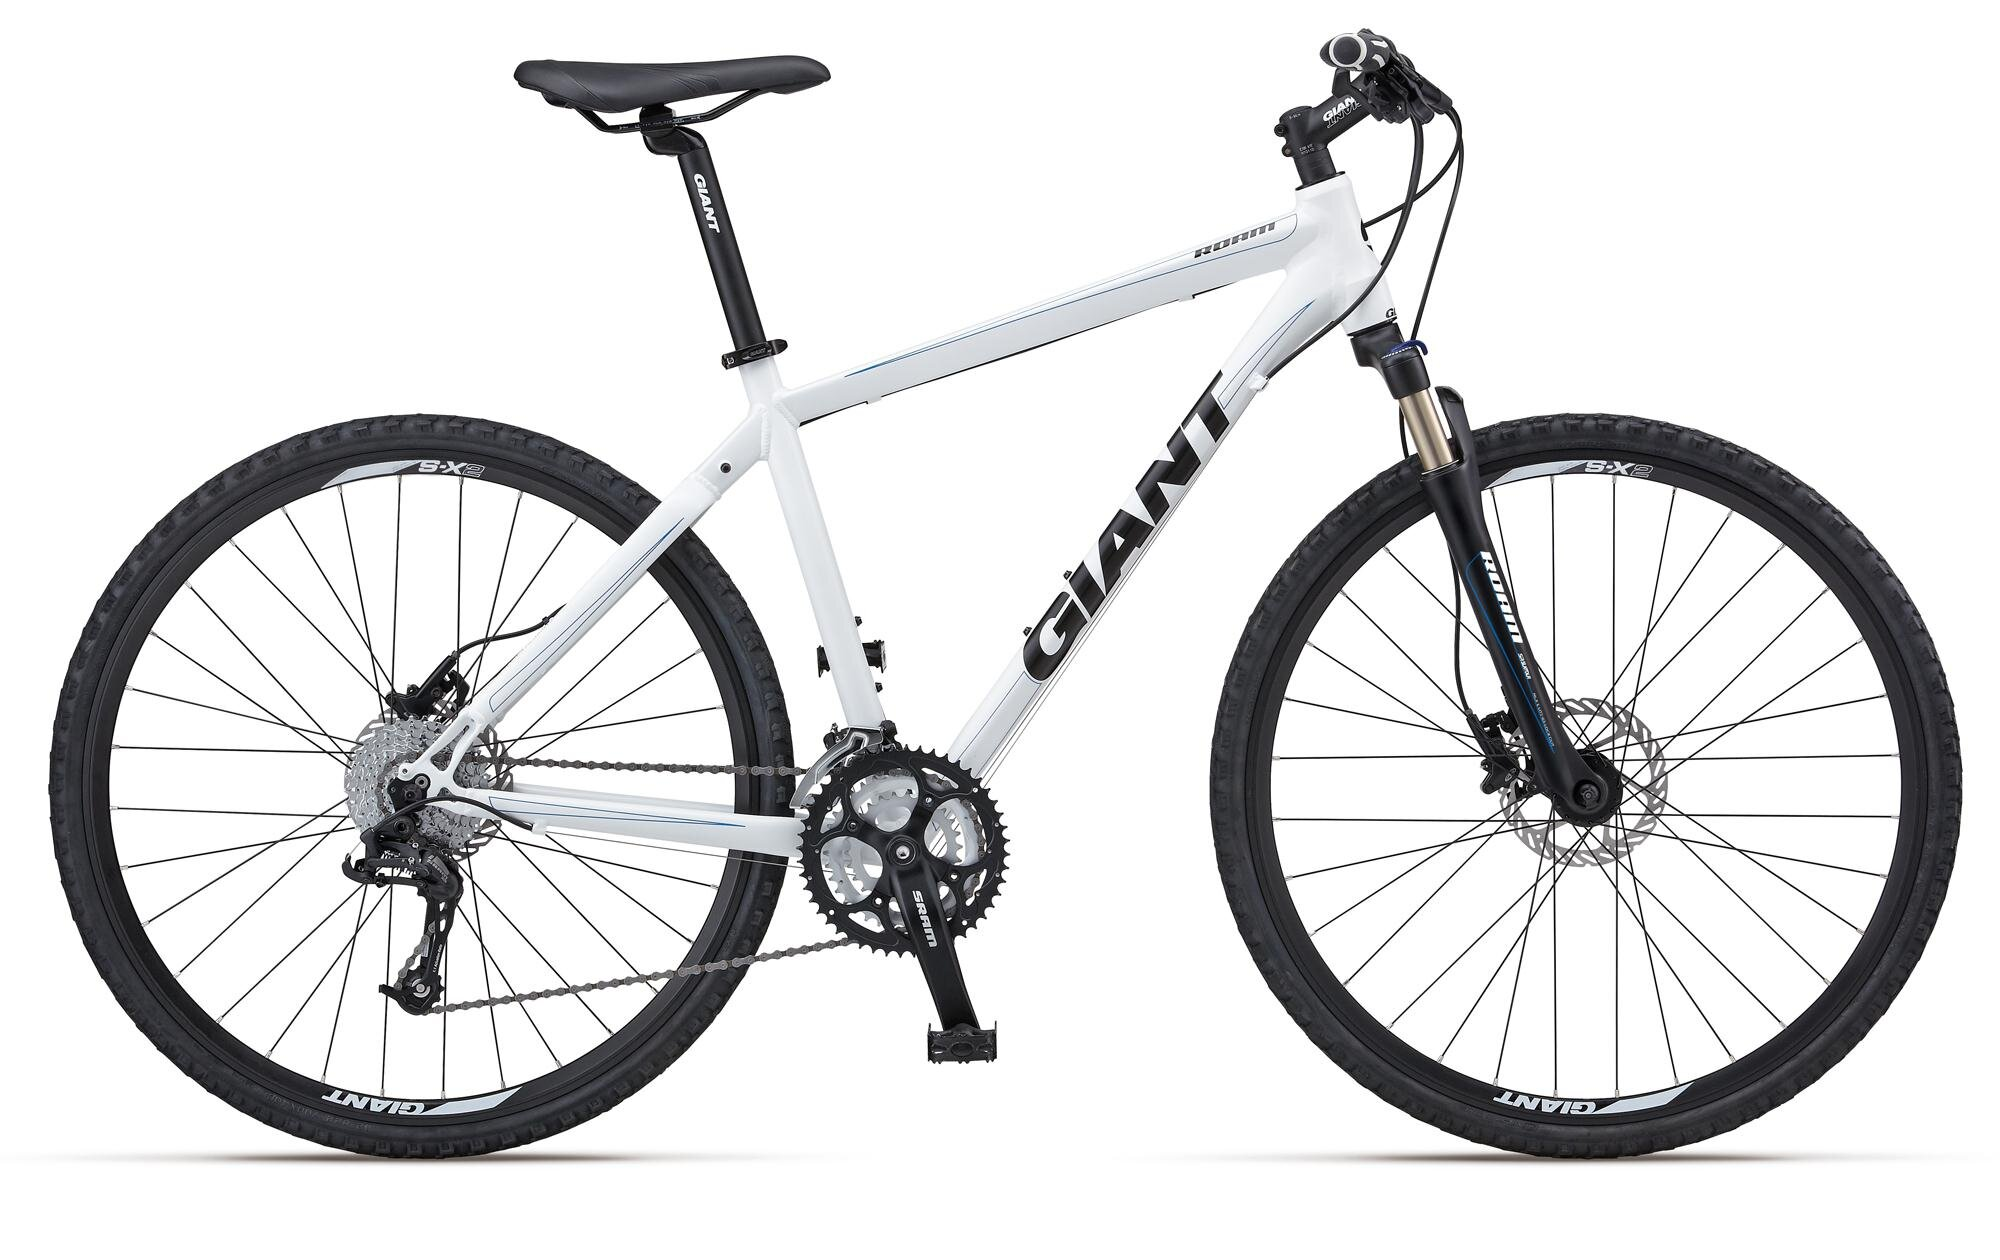 Bảng giá xe đạp thể thao Giant cập nhật tháng 9/2016